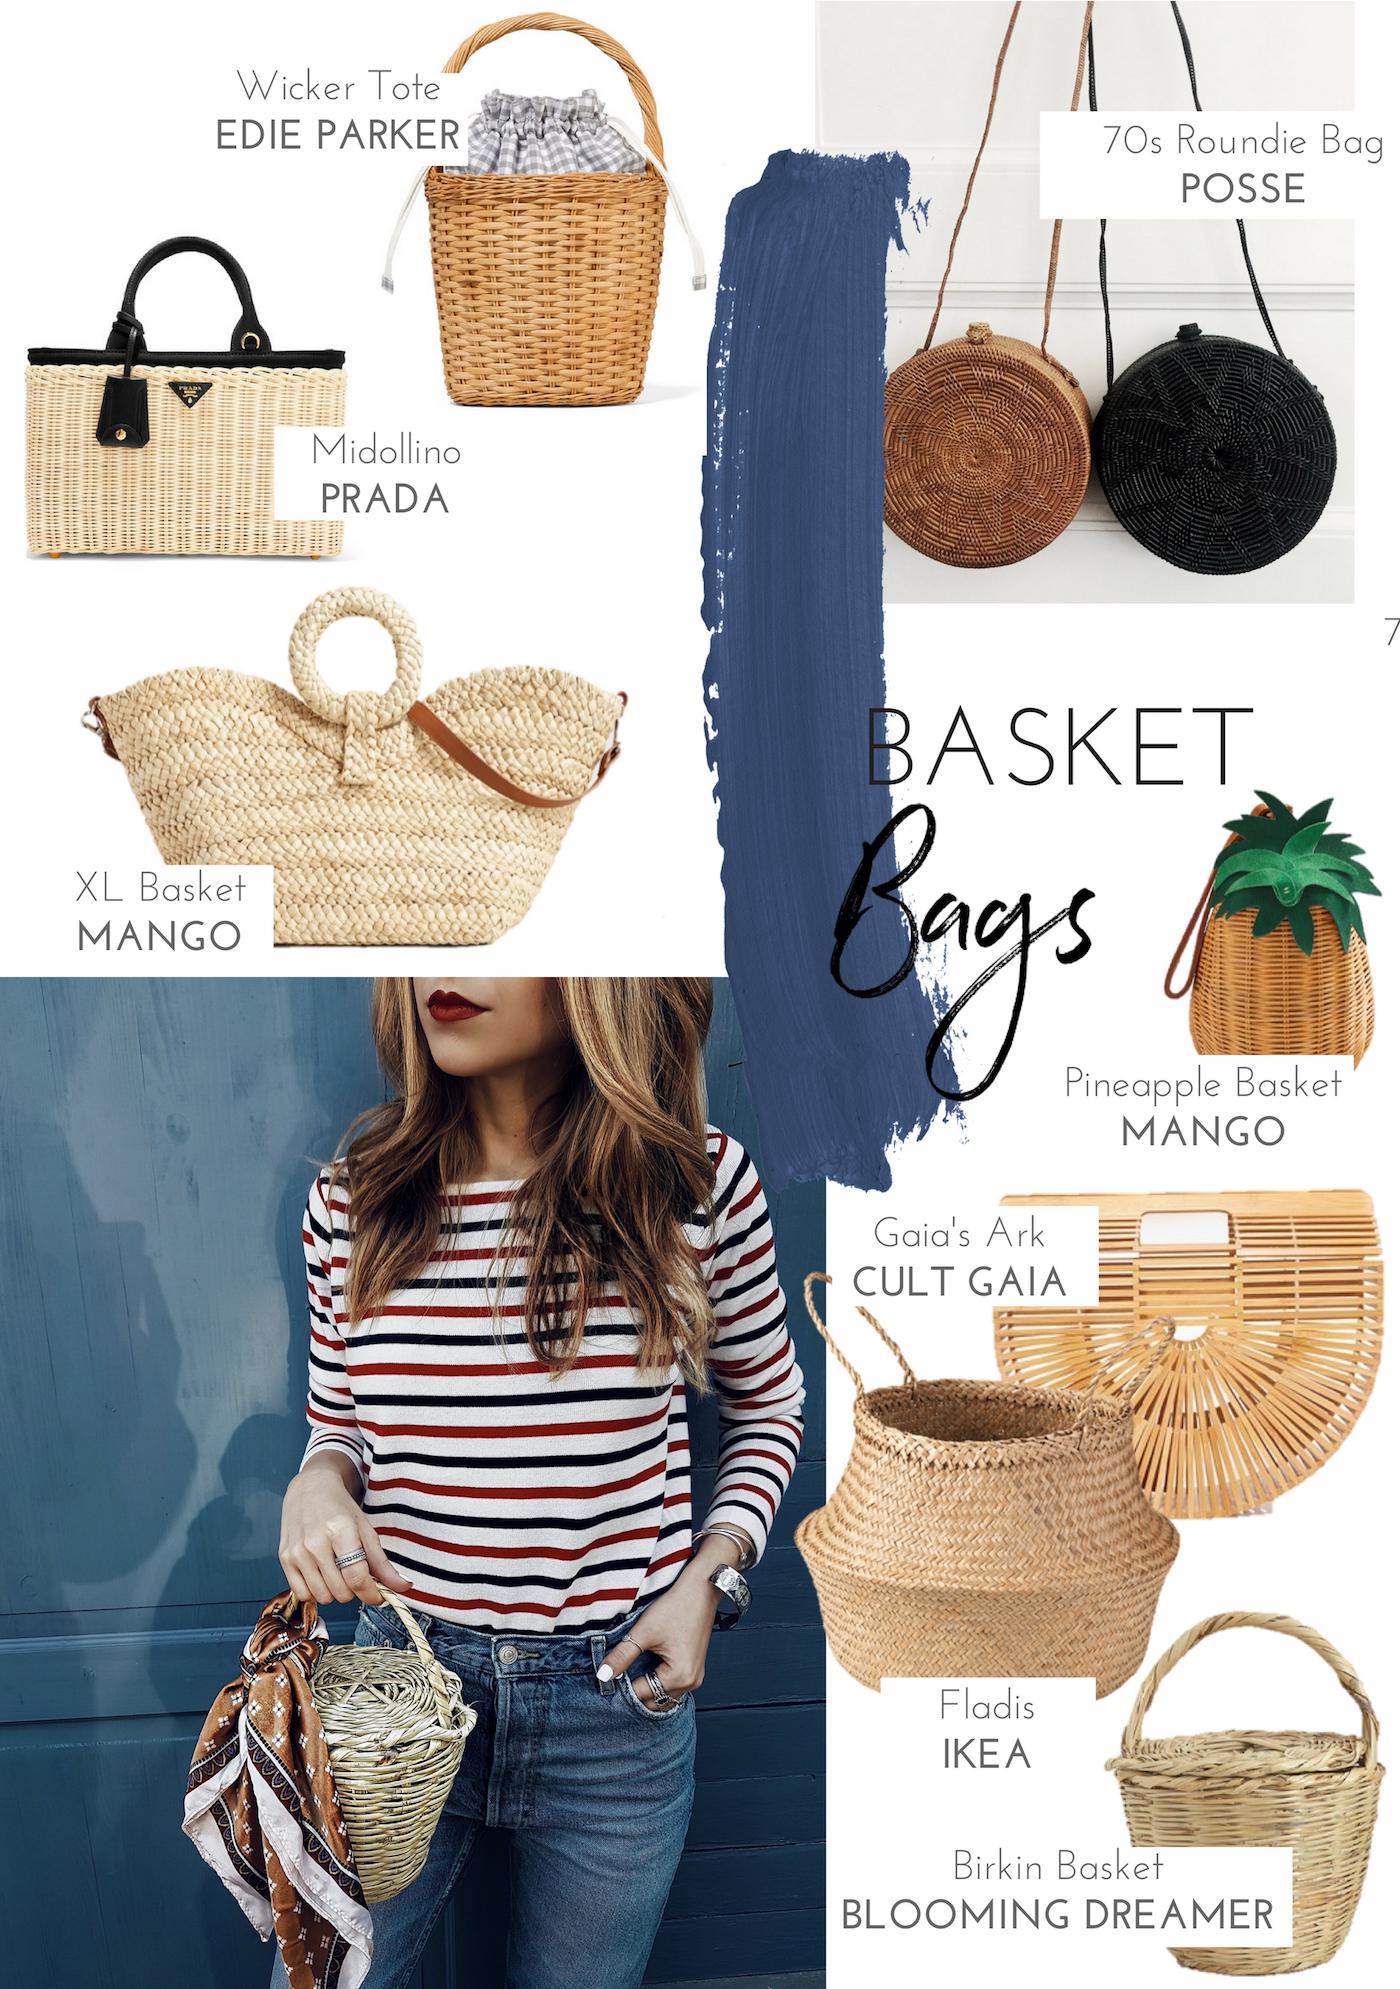 Jane Birkin Basket Spring Summer Trend 2017